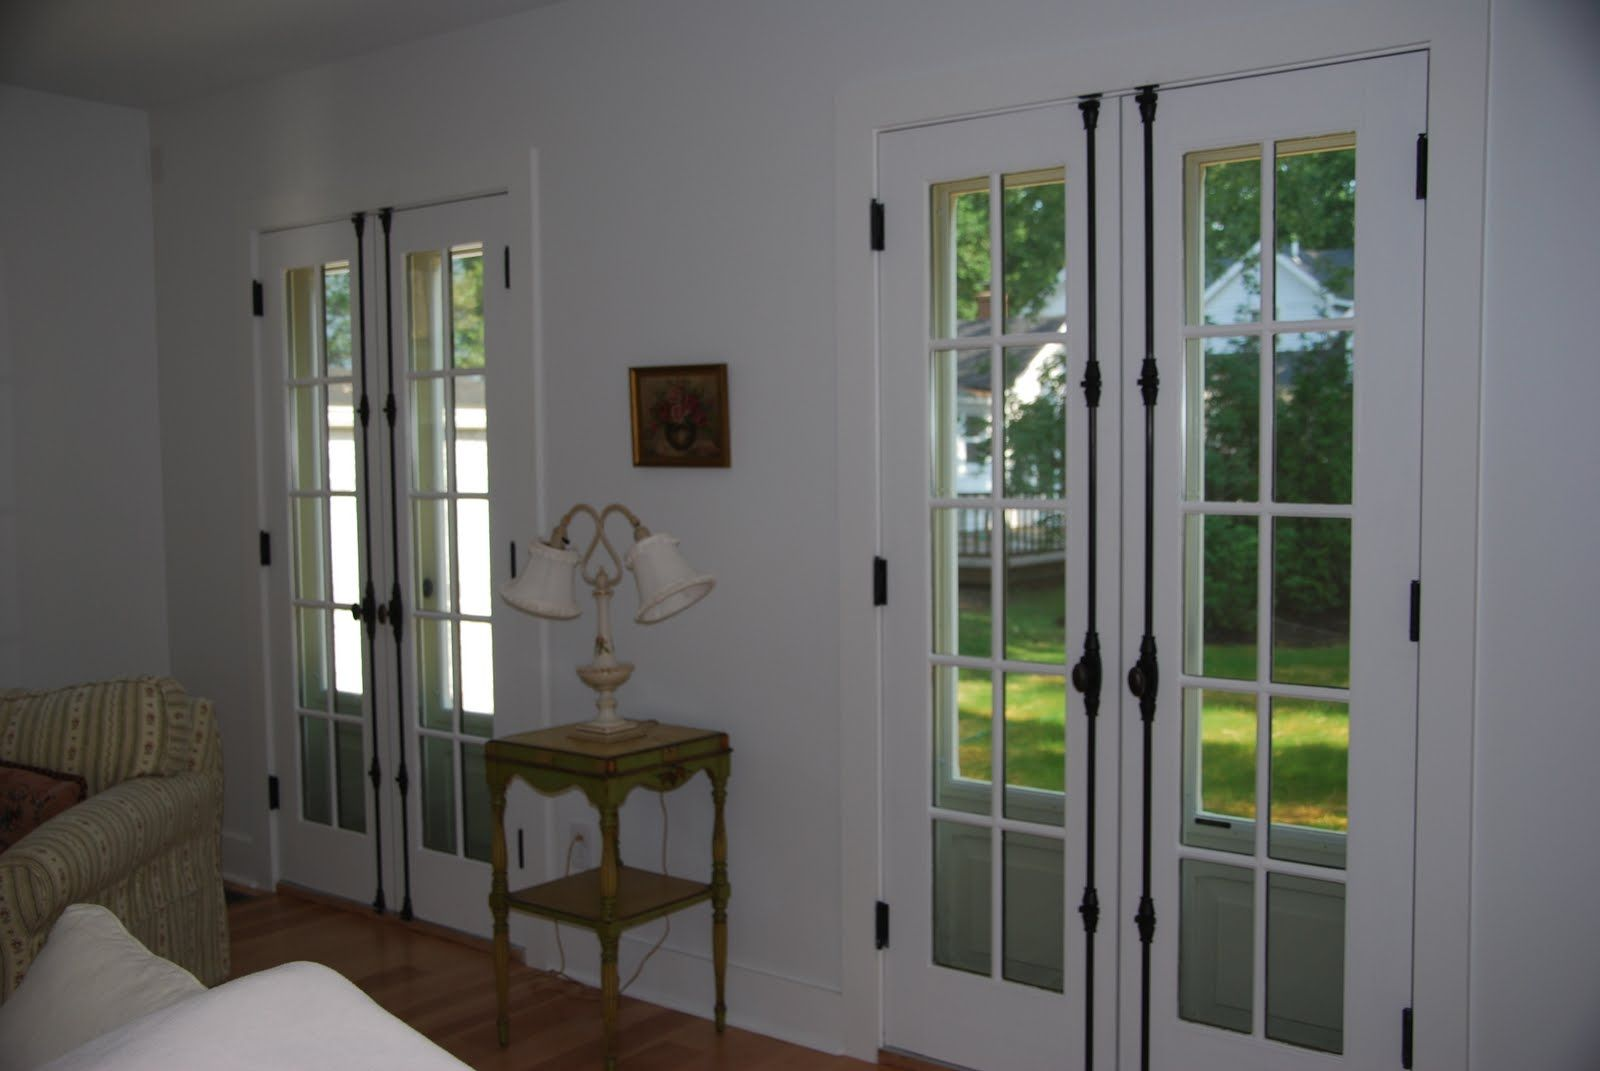 Best Brushed Nickel Door Knobs For Your Furniture Ideas: Contemporary Brushed  Nickel Door Knobs For